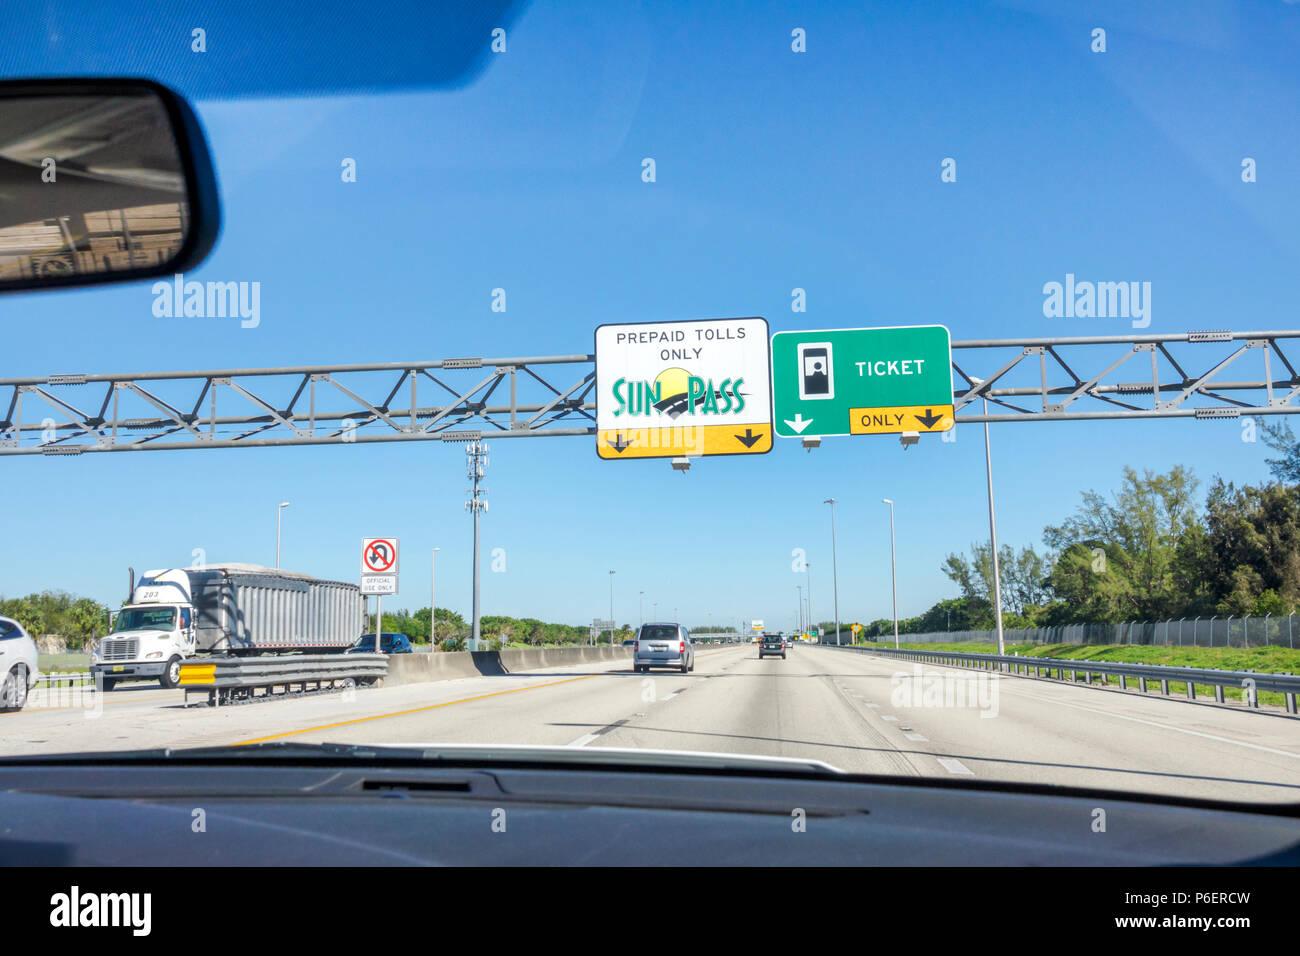 Floride Fort Ft. Lauderdale Florida Turnpike route à péage électronique prépayé SunPass péage autoroute trafic voiture camion véhicules en mouvement fil Photo Stock